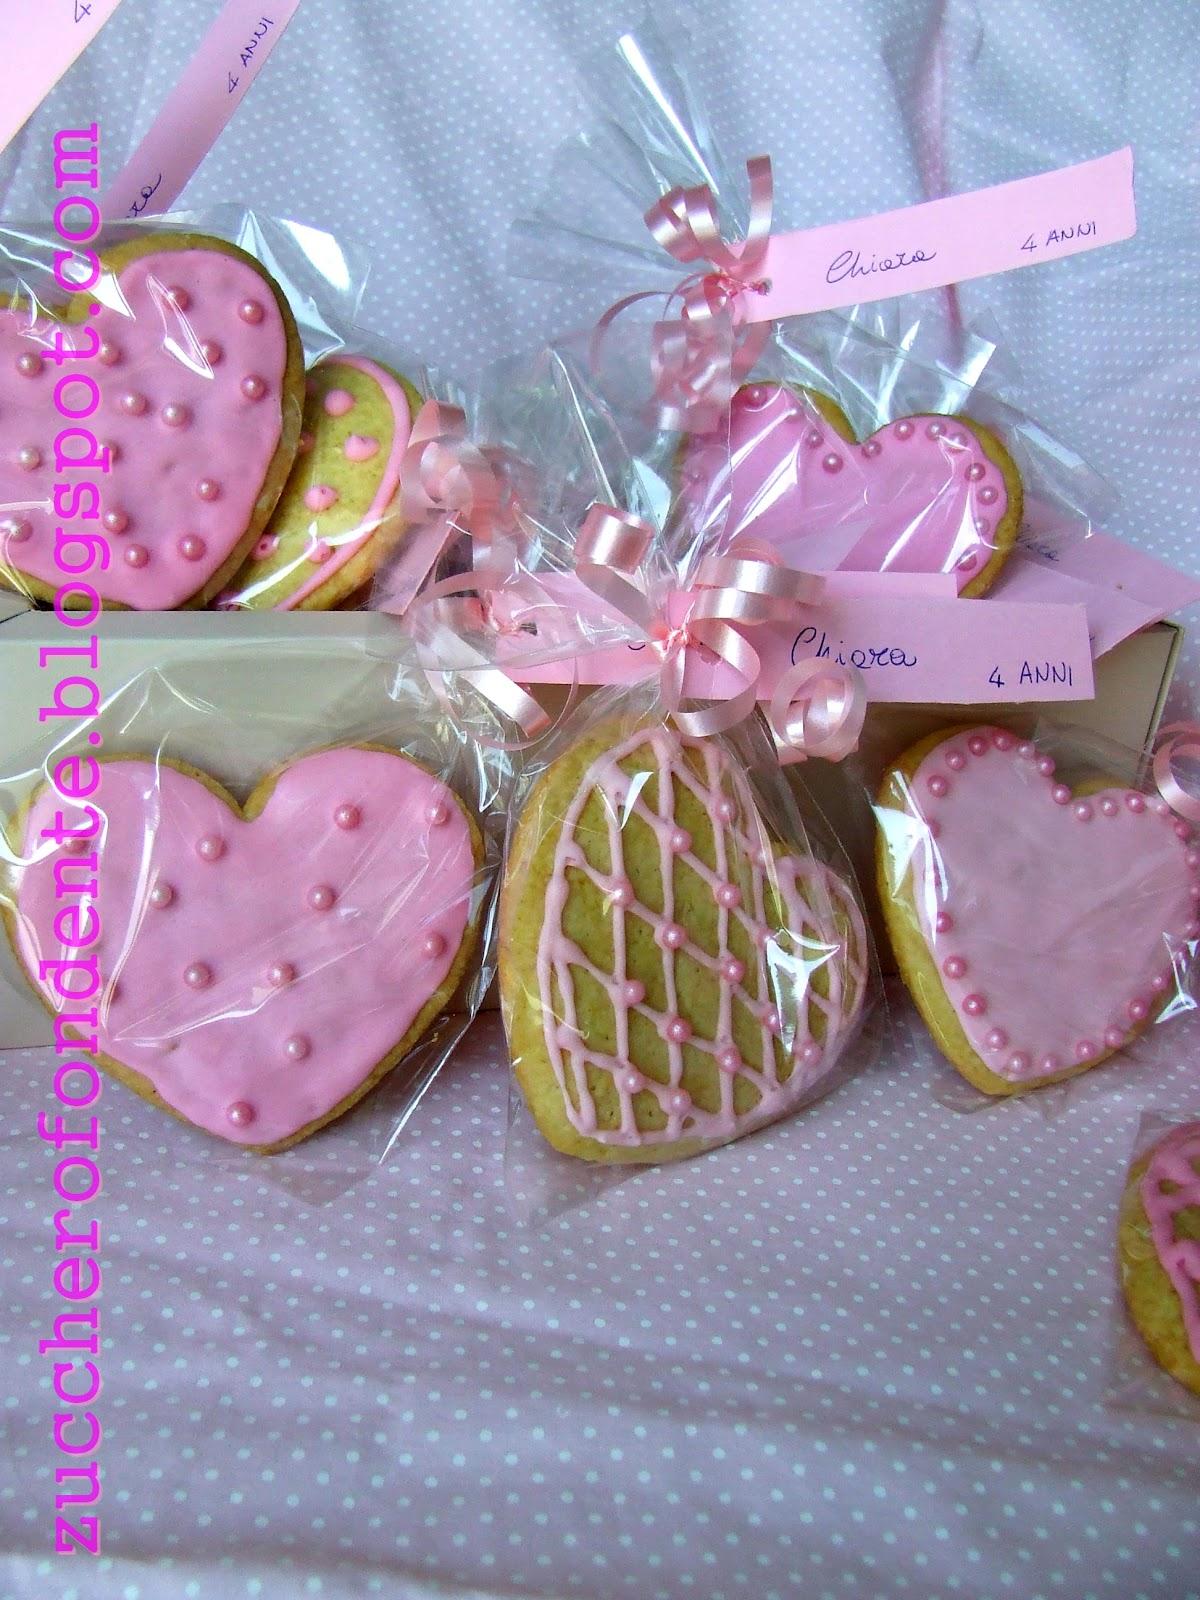 Zuccherofondente Tanti Biscotti Per La Mia Principessa